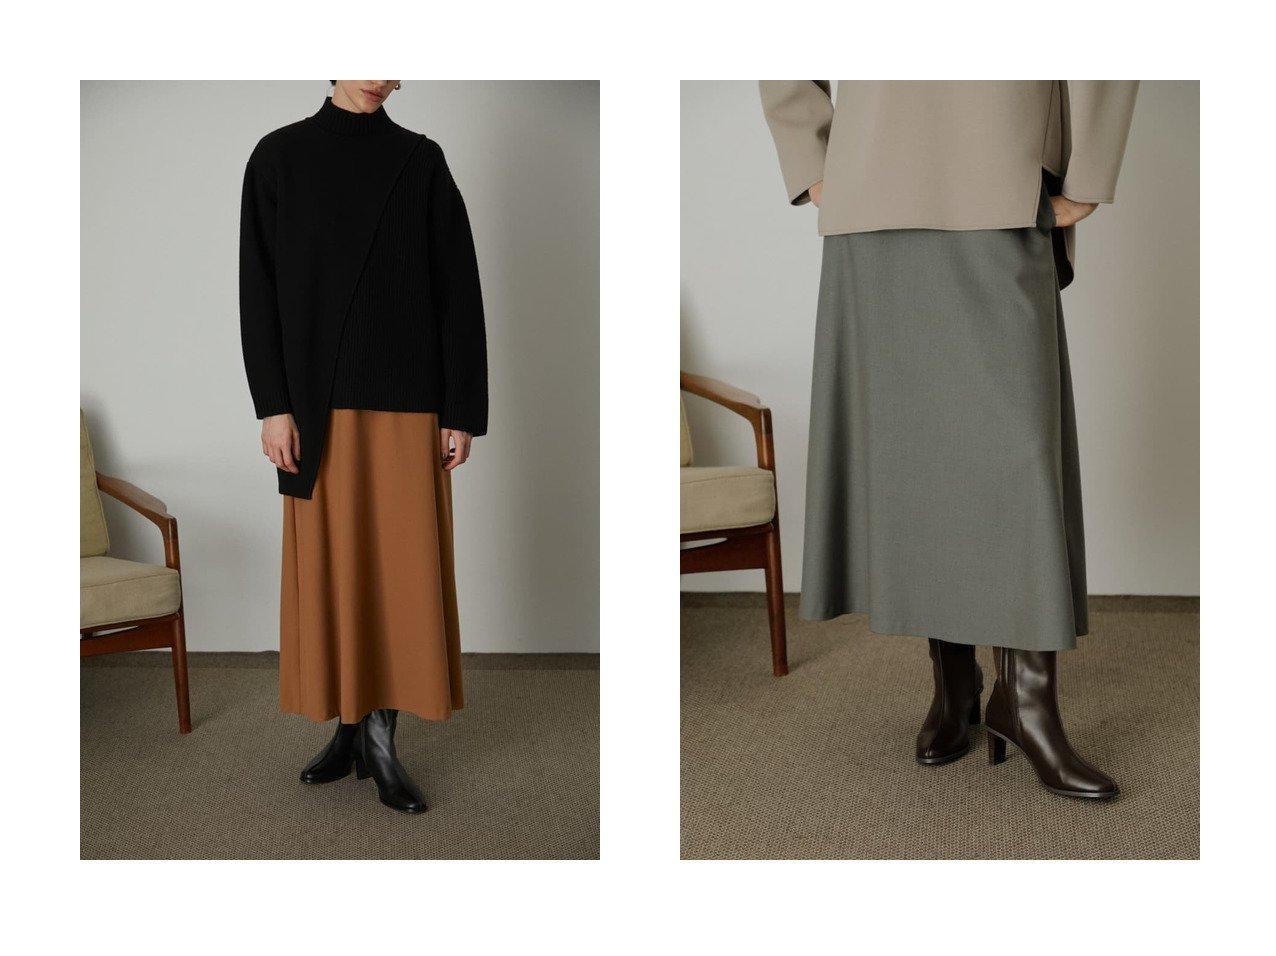 【RIM.ARK/リムアーク】のスカート スカートのおすすめ!人気トレンド・レディースファッションの通販 おすすめで人気の流行・トレンド、ファッションの通販商品 メンズファッション・キッズファッション・インテリア・家具・レディースファッション・服の通販 founy(ファニー) https://founy.com/ ファッション Fashion レディースファッション WOMEN スカート Skirt ロングスカート Long Skirt フェミニン フレア ベーシック ロング |ID:crp329100000008771